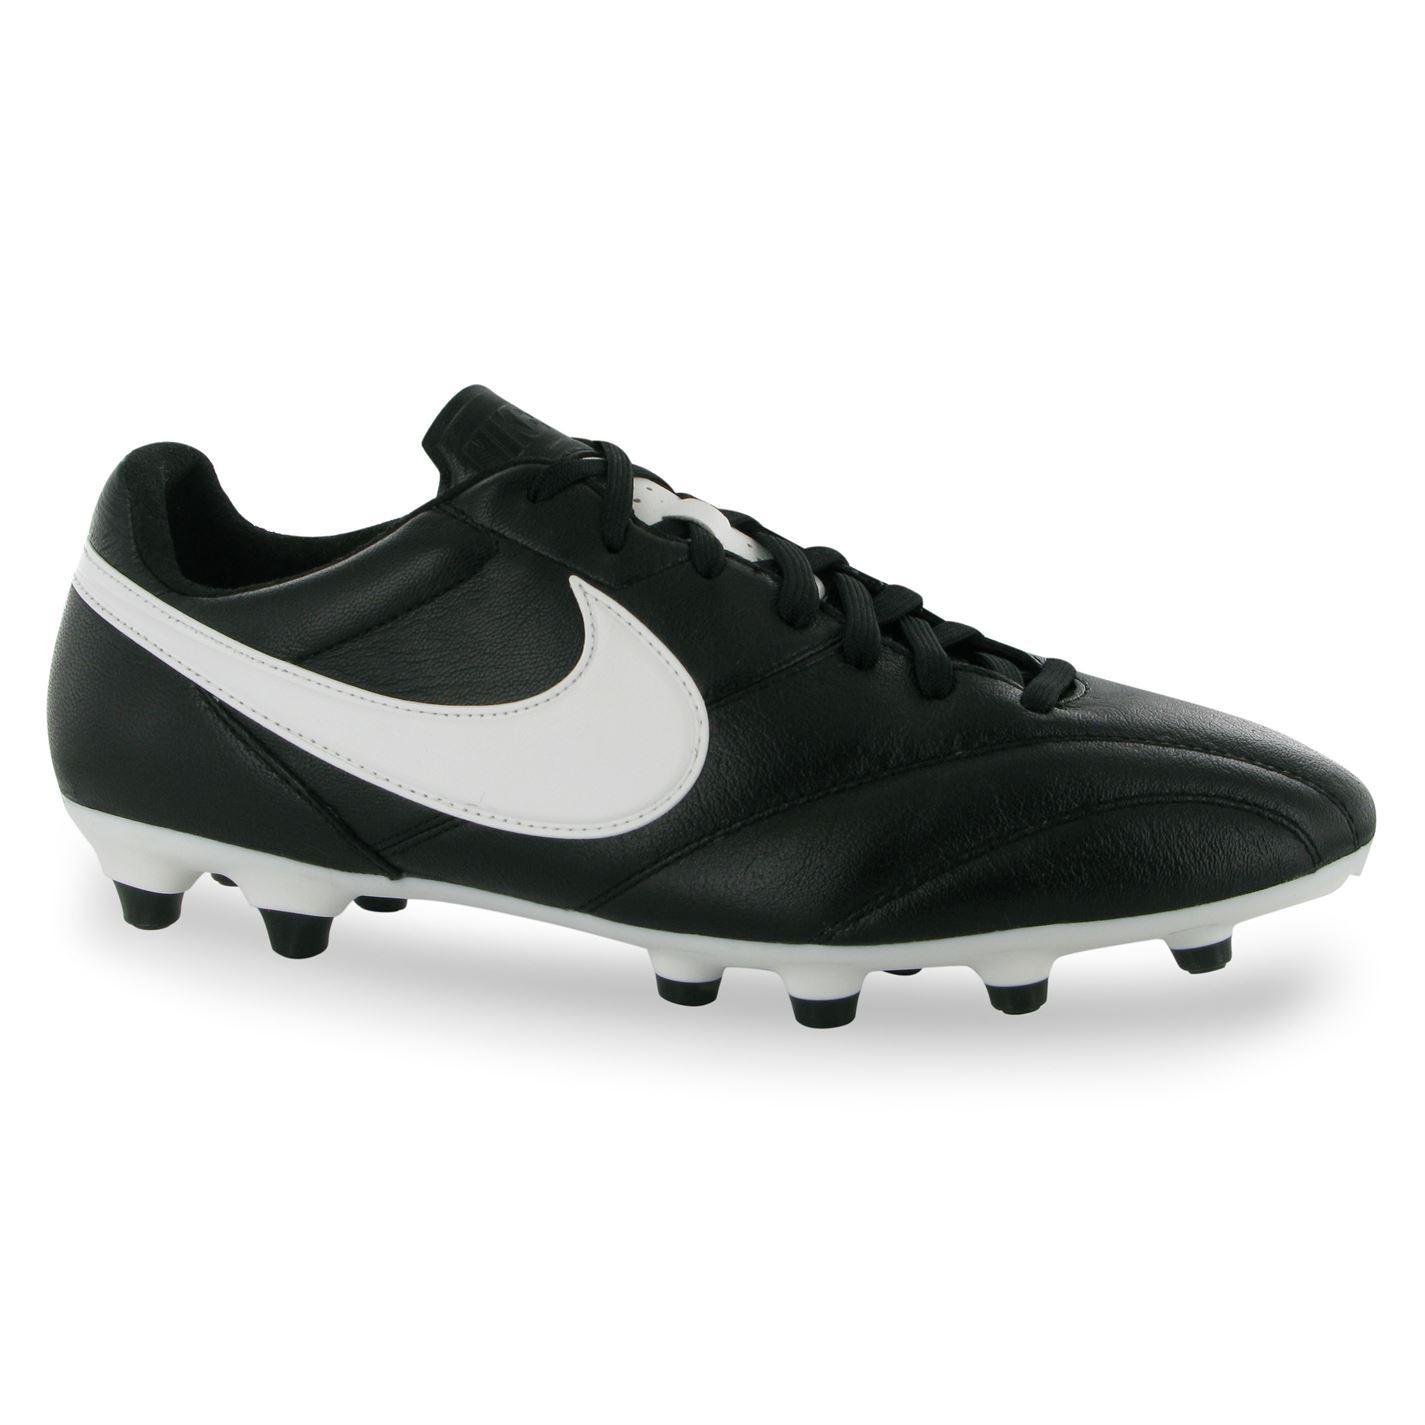 Chaussures de football Nike Premier FG (crampons moulés, différentes tailles)